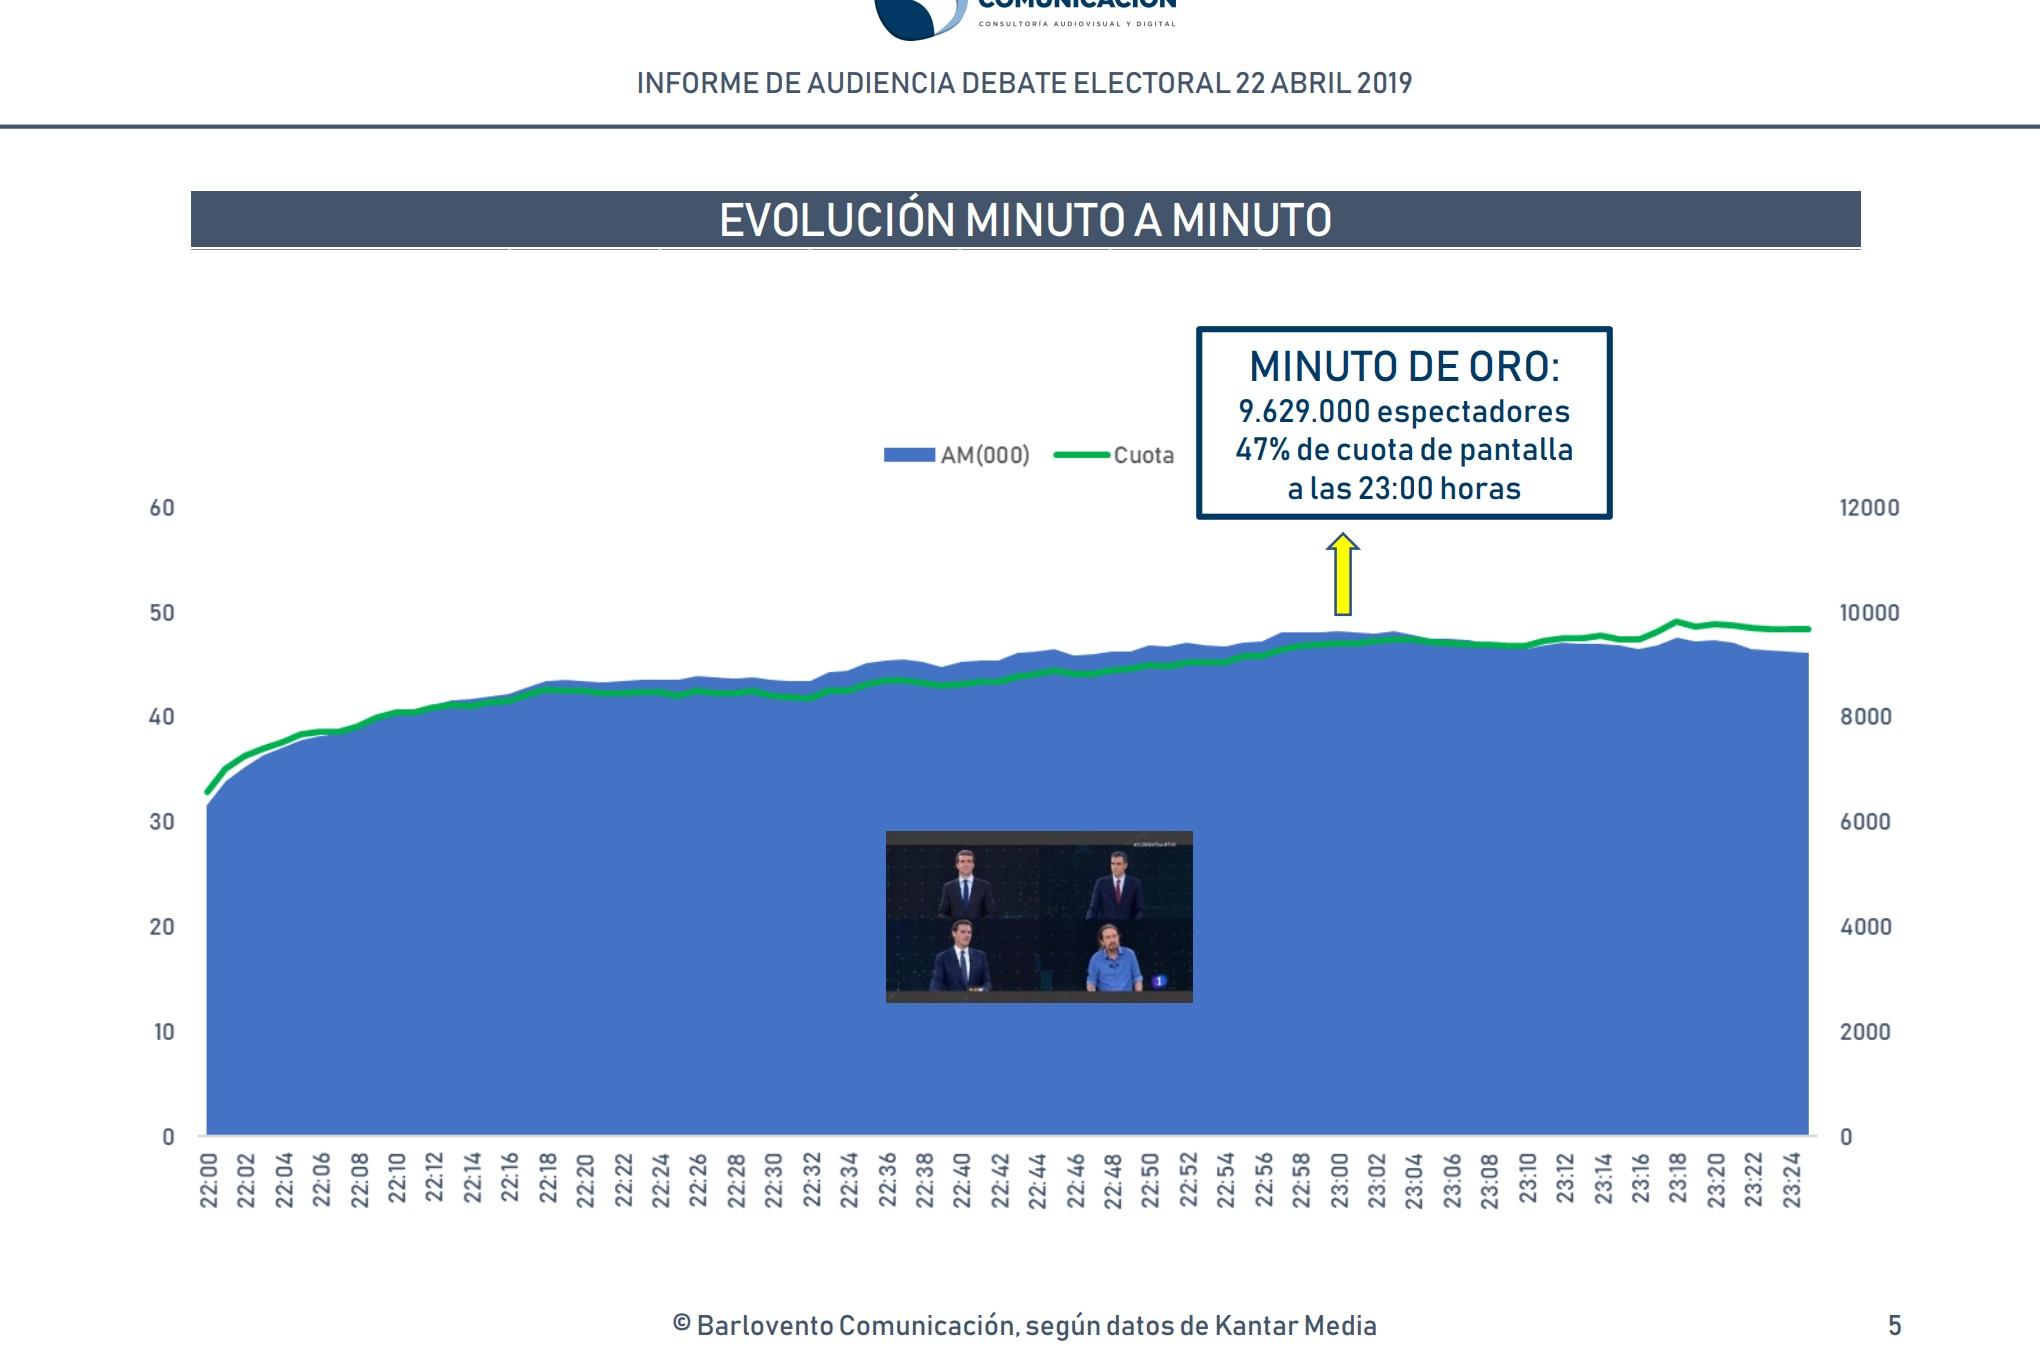 http://www.programapublicidad.com/wp-content/uploads/2019/04/ranking-barlovento-comunicación-minuto-a-minuto-audiencia-debate-electoral-22-abril-programapublicidad-muy-grande.jpg